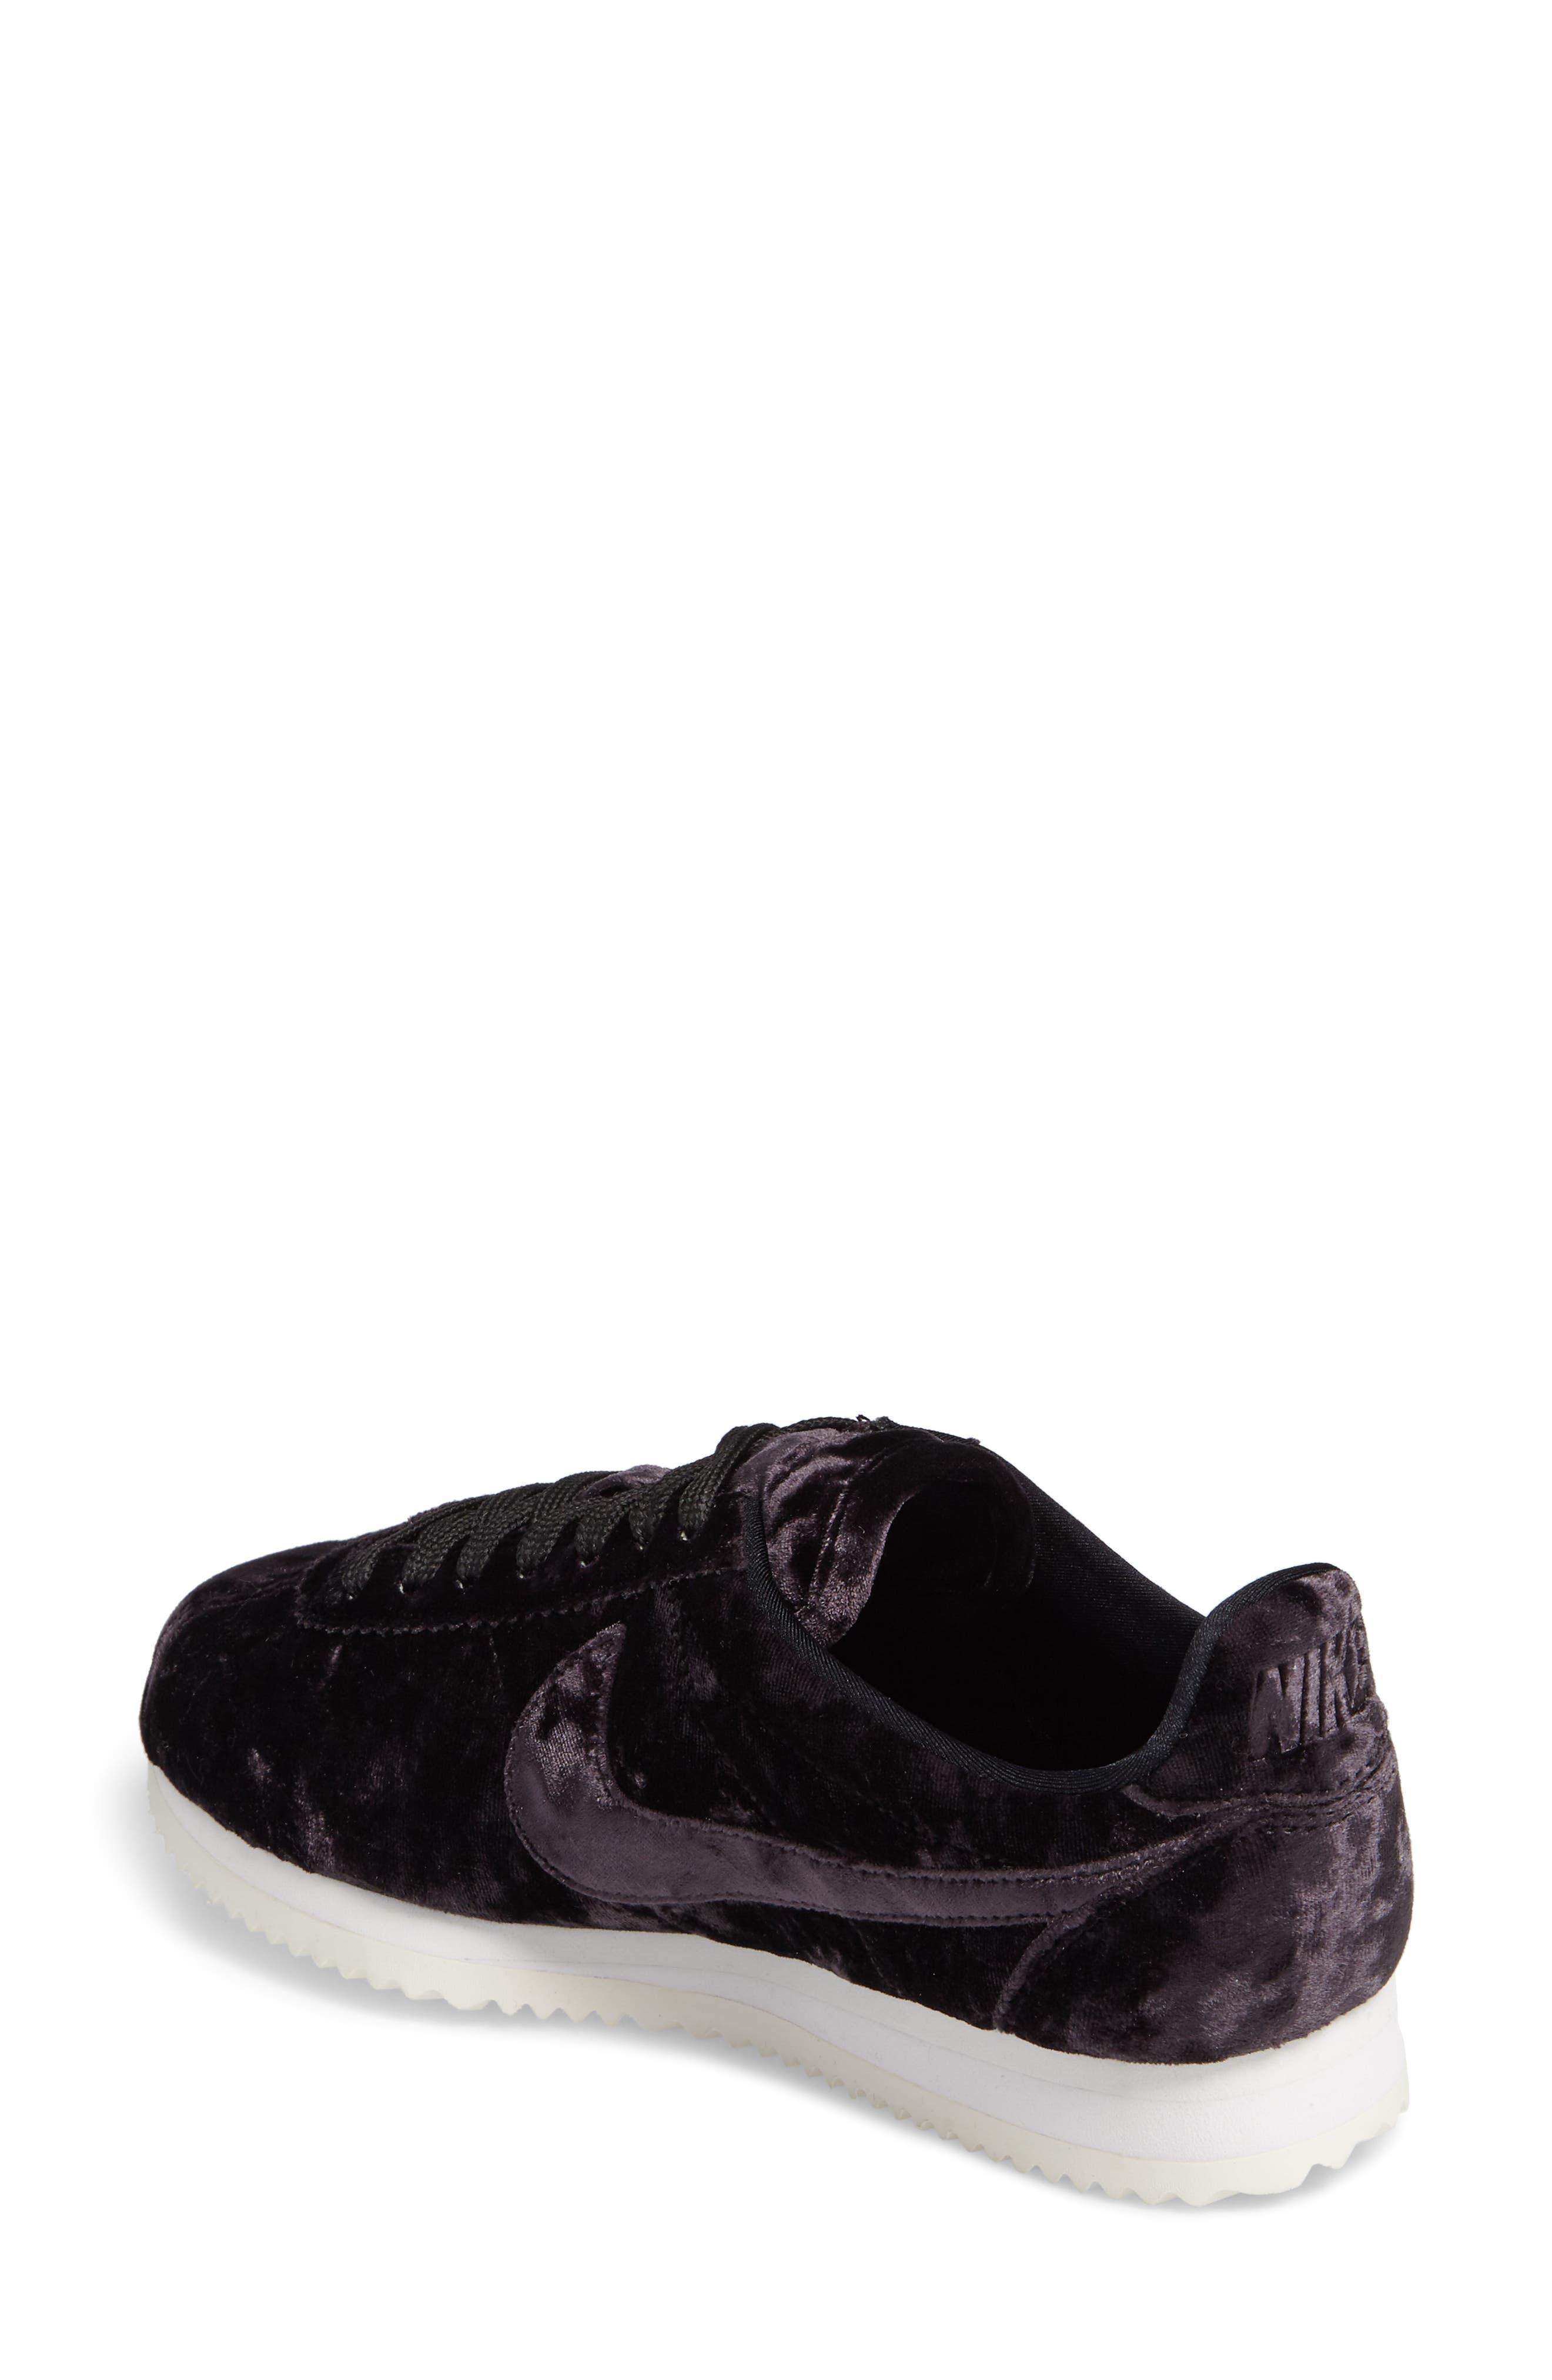 Cortez Classic LX Sneaker,                             Alternate thumbnail 2, color,                             001